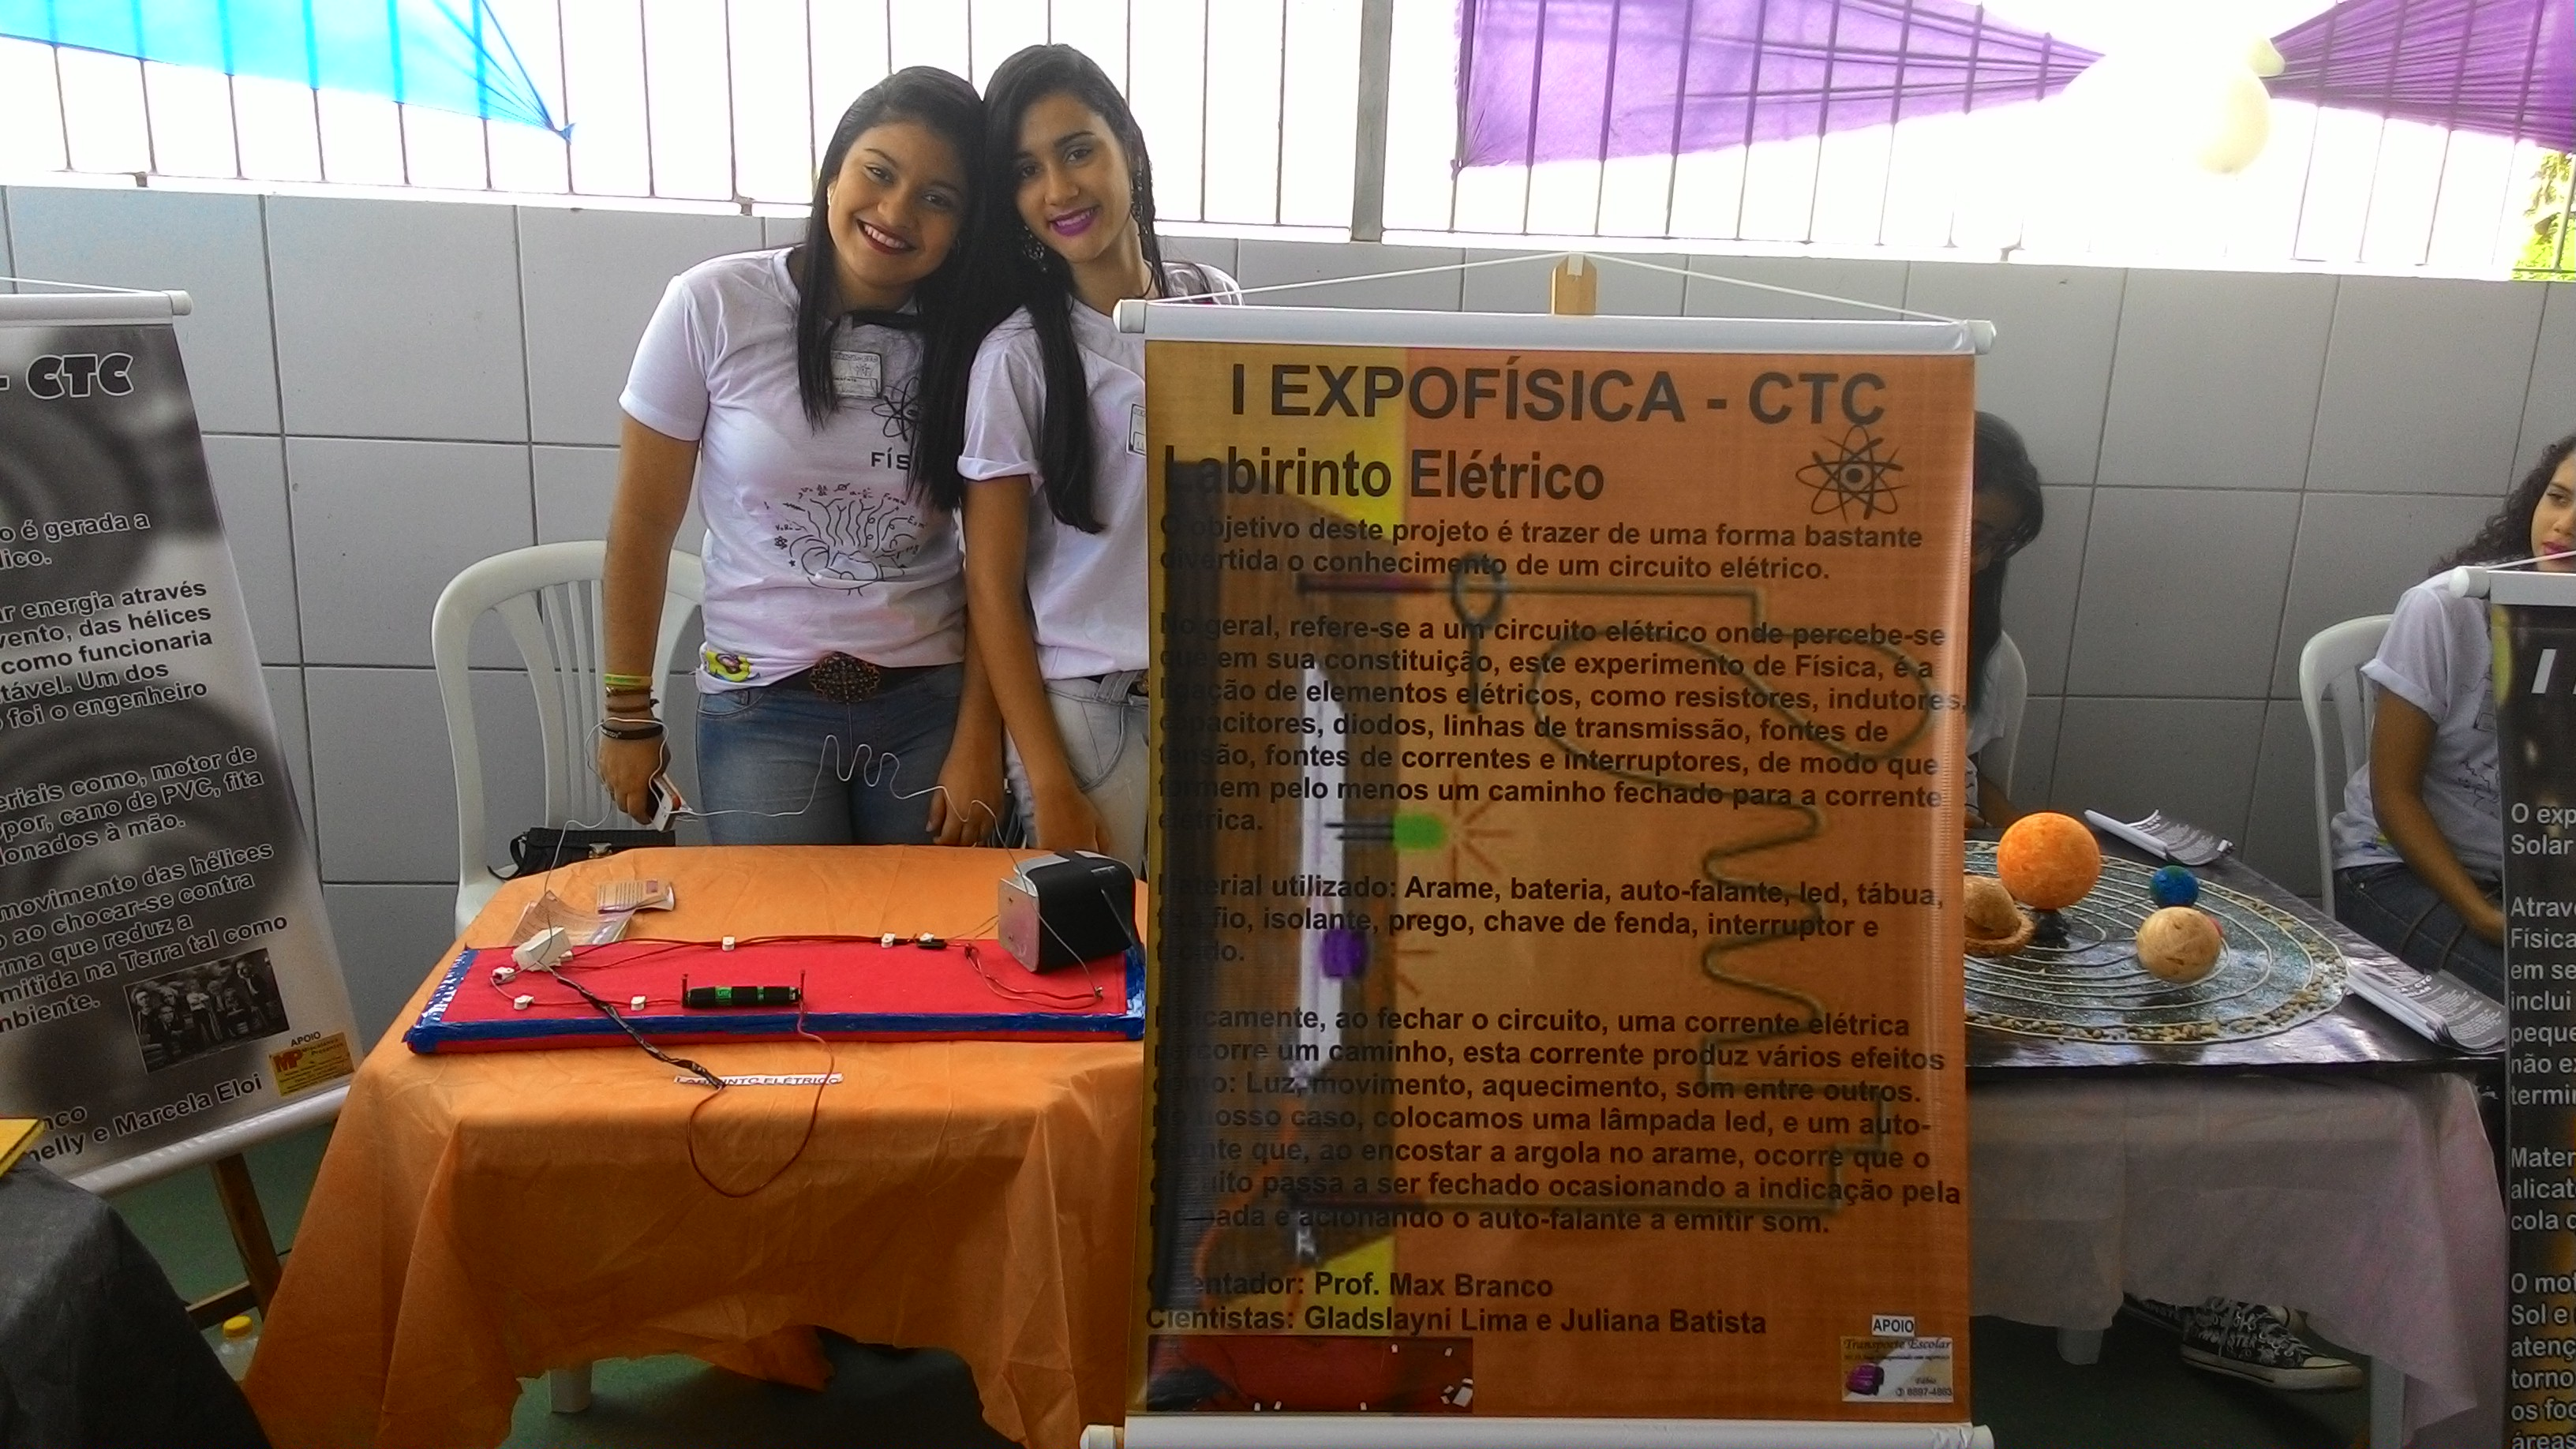 Expofísica CTC